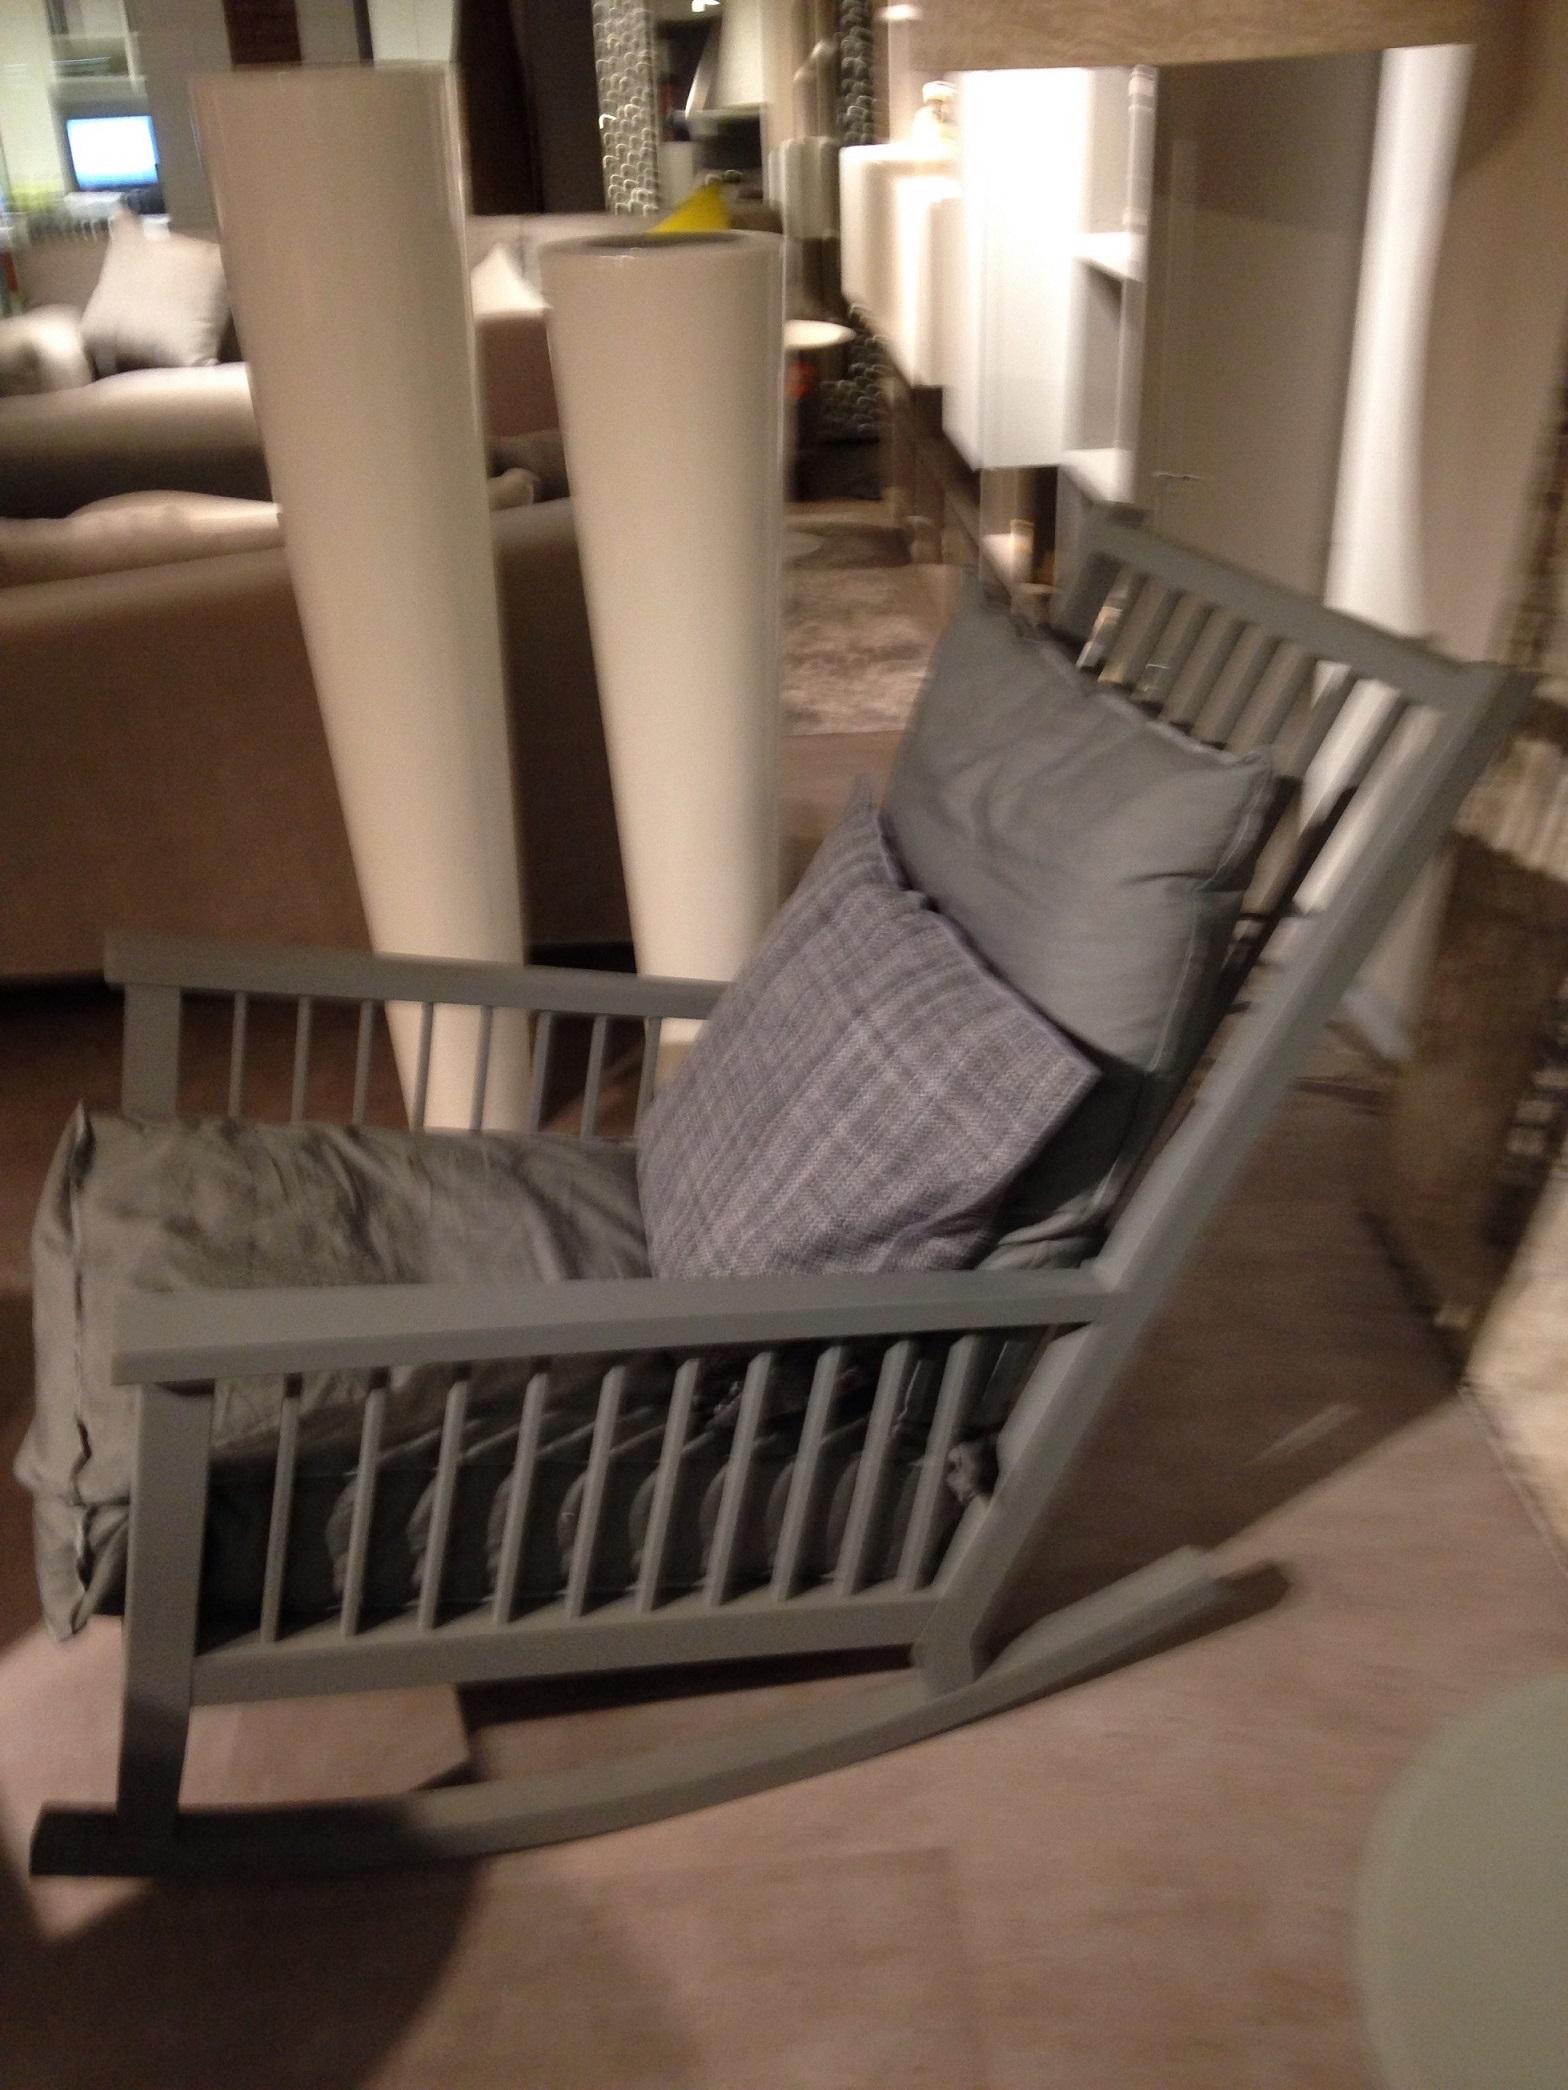 Poltrona a dondolo ditta gervasoni modello gray 09 divani a prezzi scontati - Poltrona a dondolo di design ...